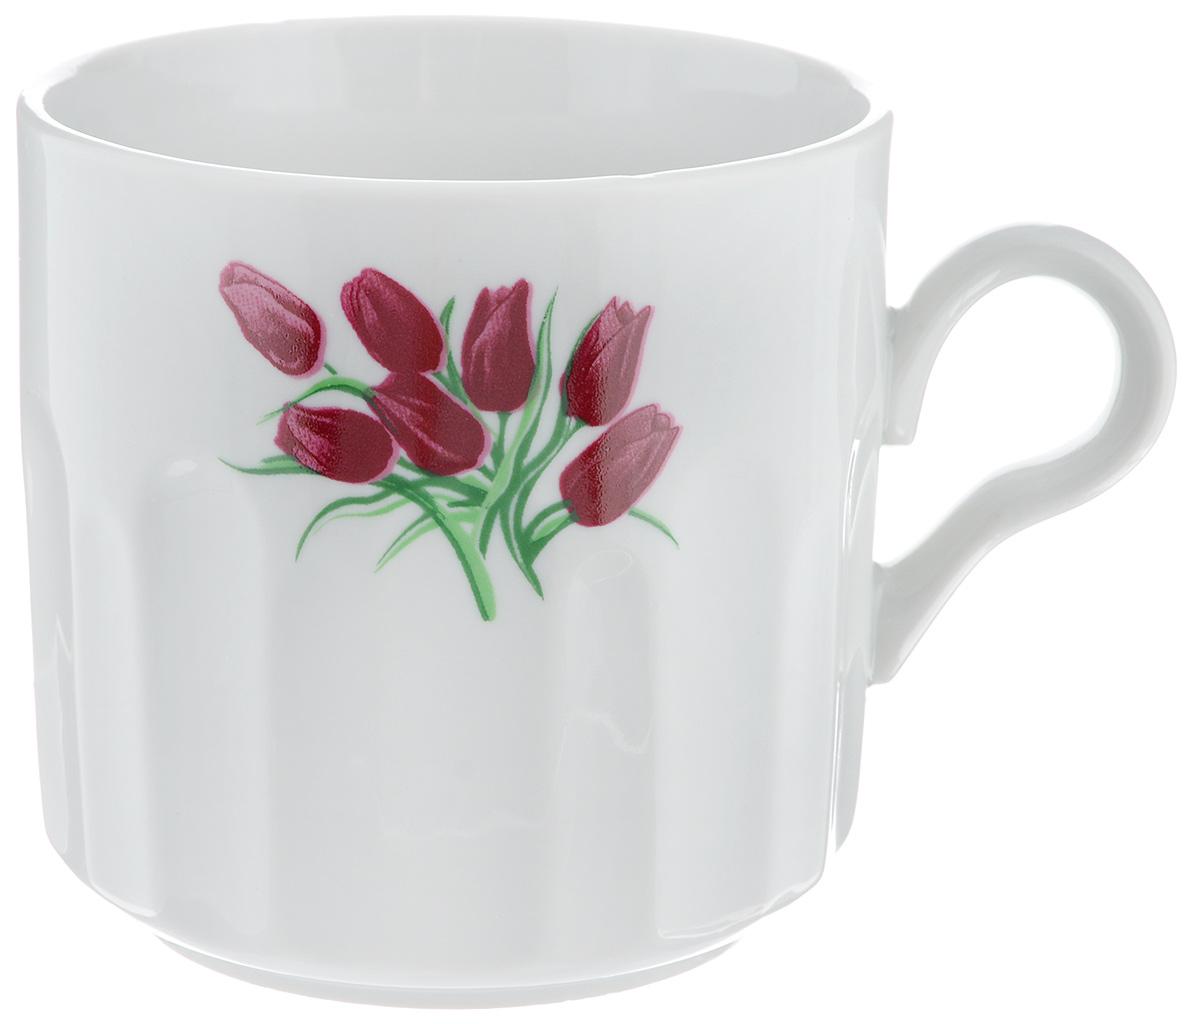 Кружка Фарфор Вербилок Тюльпаны, 500 мл5720980Кружка Фарфор Вербилок Тюльпаны способна скрасить любое чаепитие. Изделие выполнено из высококачественного фарфора. Посуда из такого материала позволяет сохранить истинный вкус напитка, а также помогает ему дольше оставаться теплым. Диаметр по верхнему краю: 9,5 см. Высота кружки: 9,5 см.